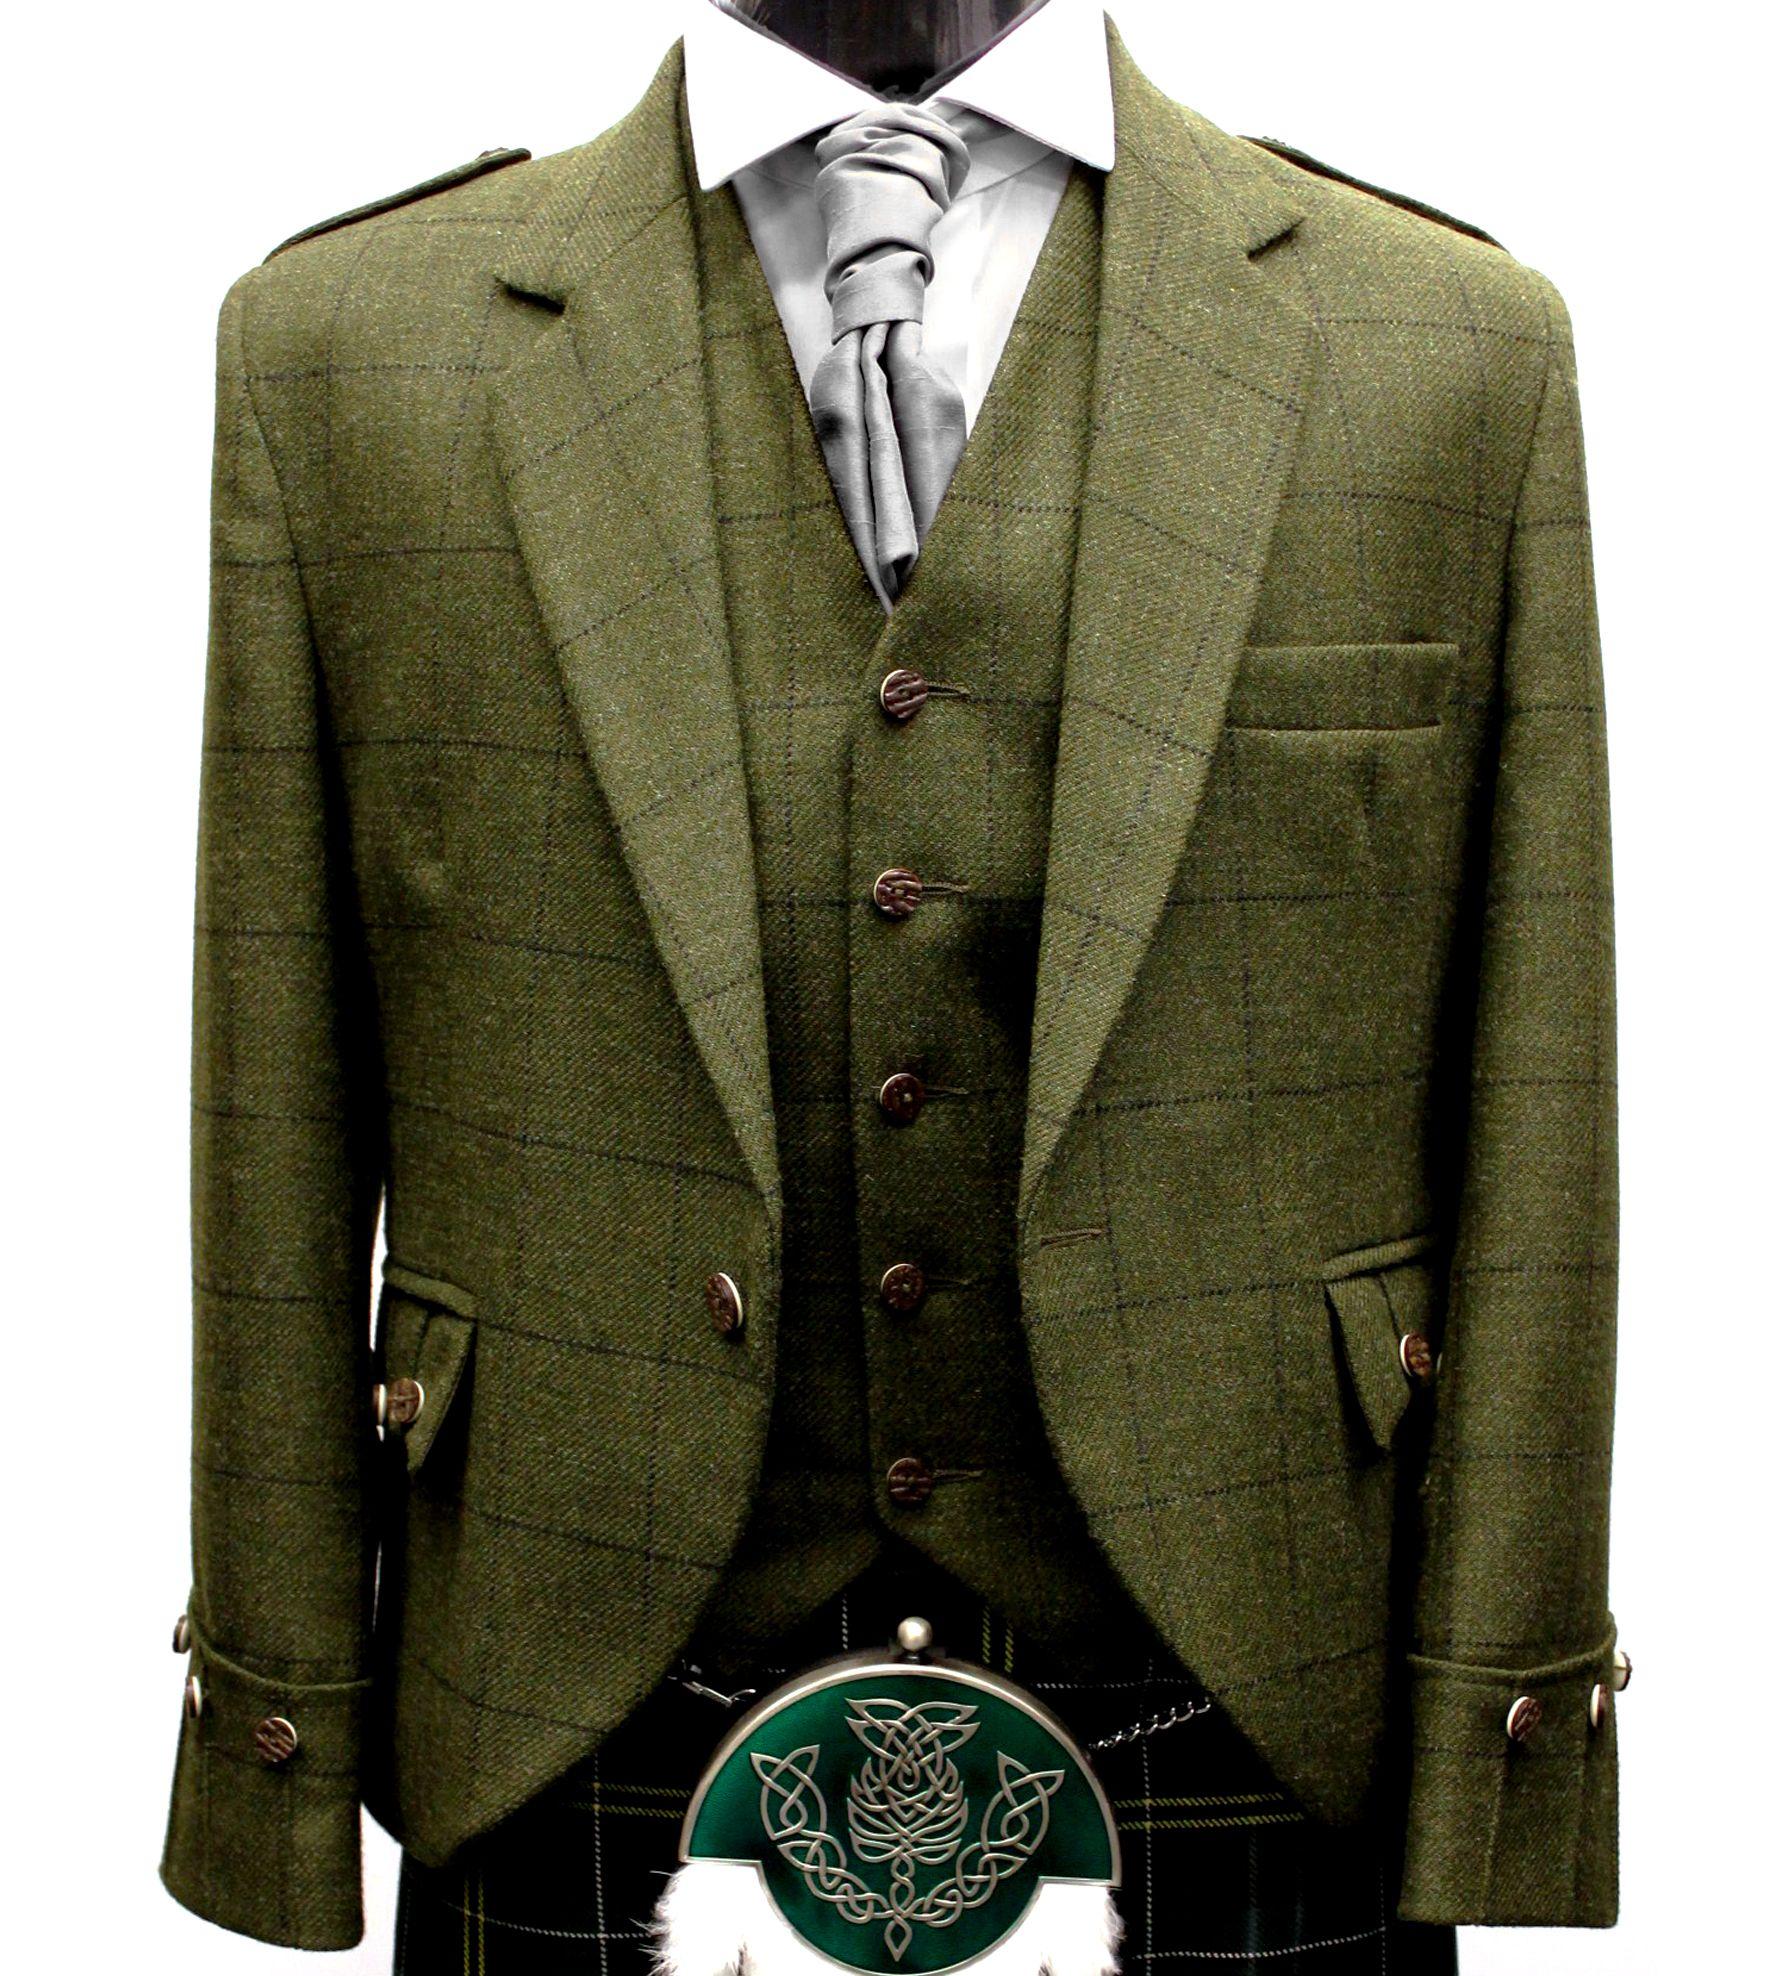 Green Tweed Argyll Kilt Jacket & Vest Kilt jackets